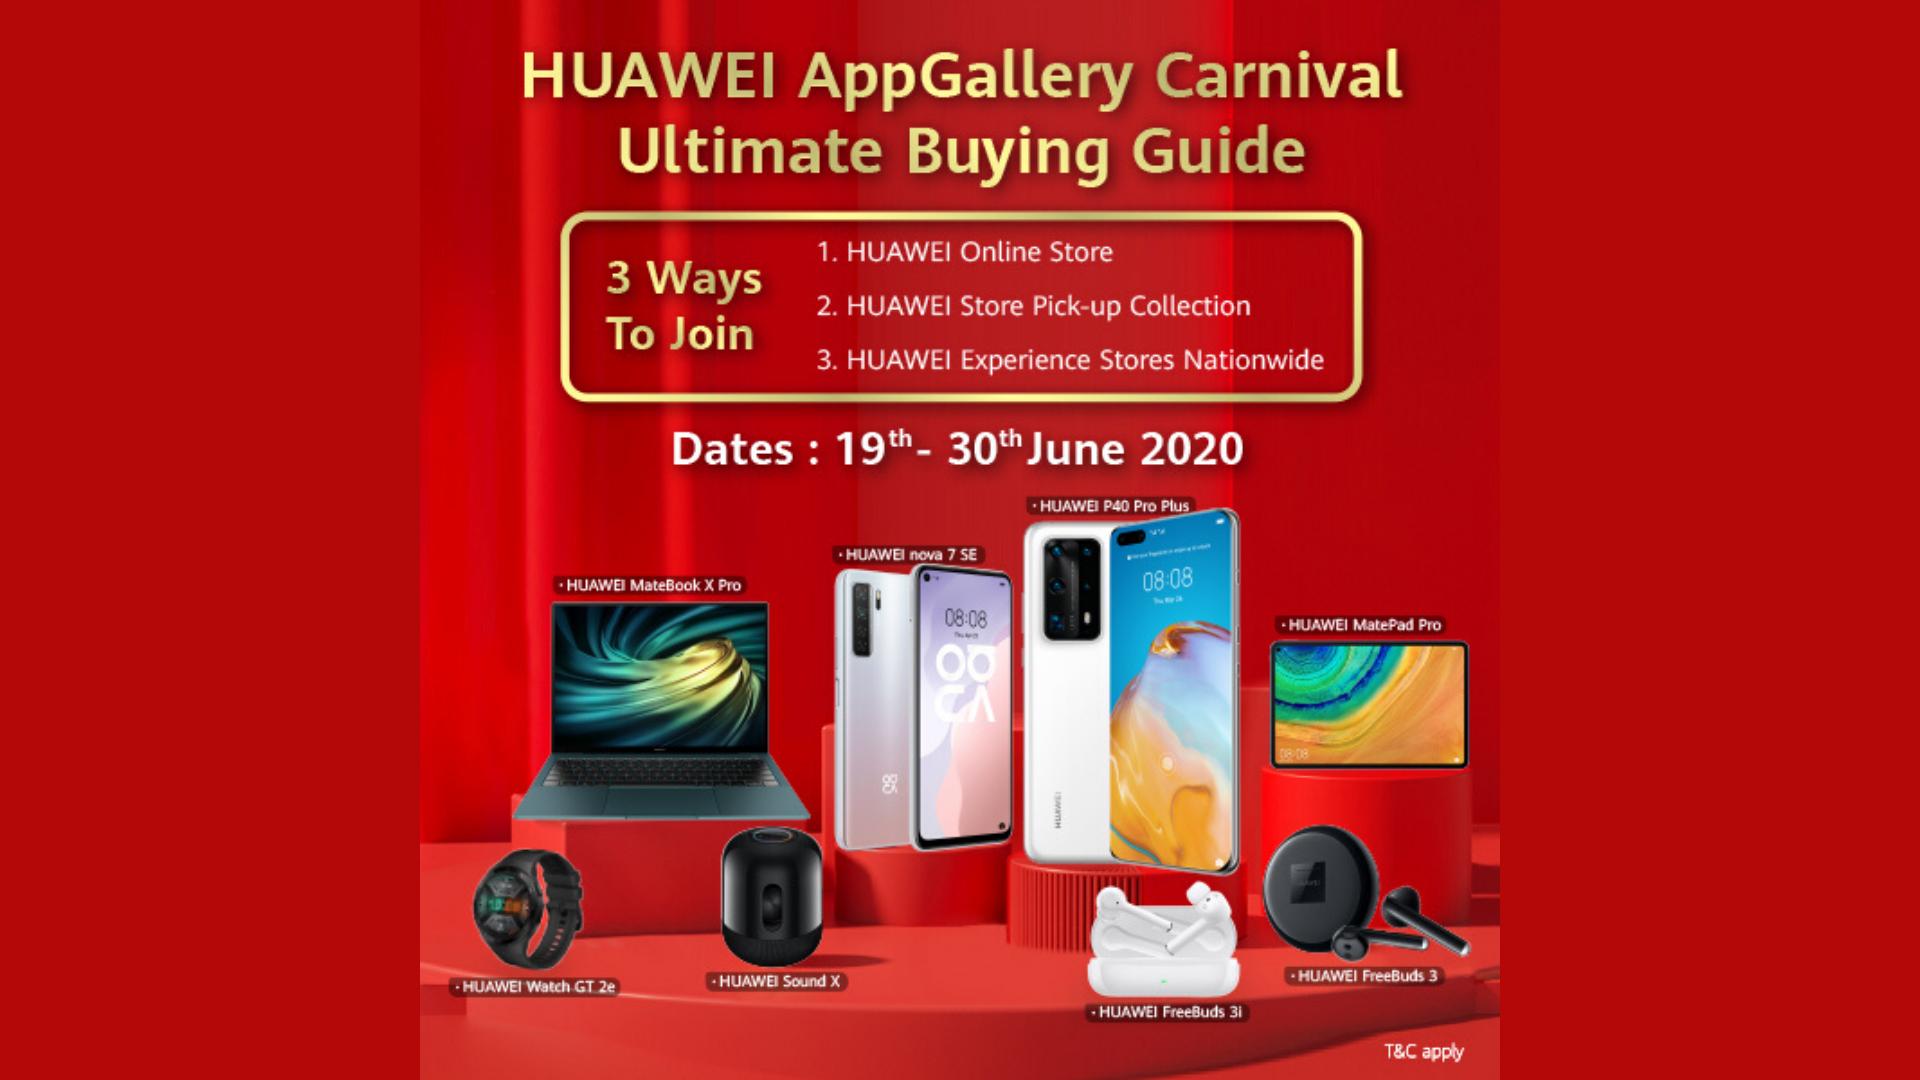 Huawei AppGallery Carnival Sale